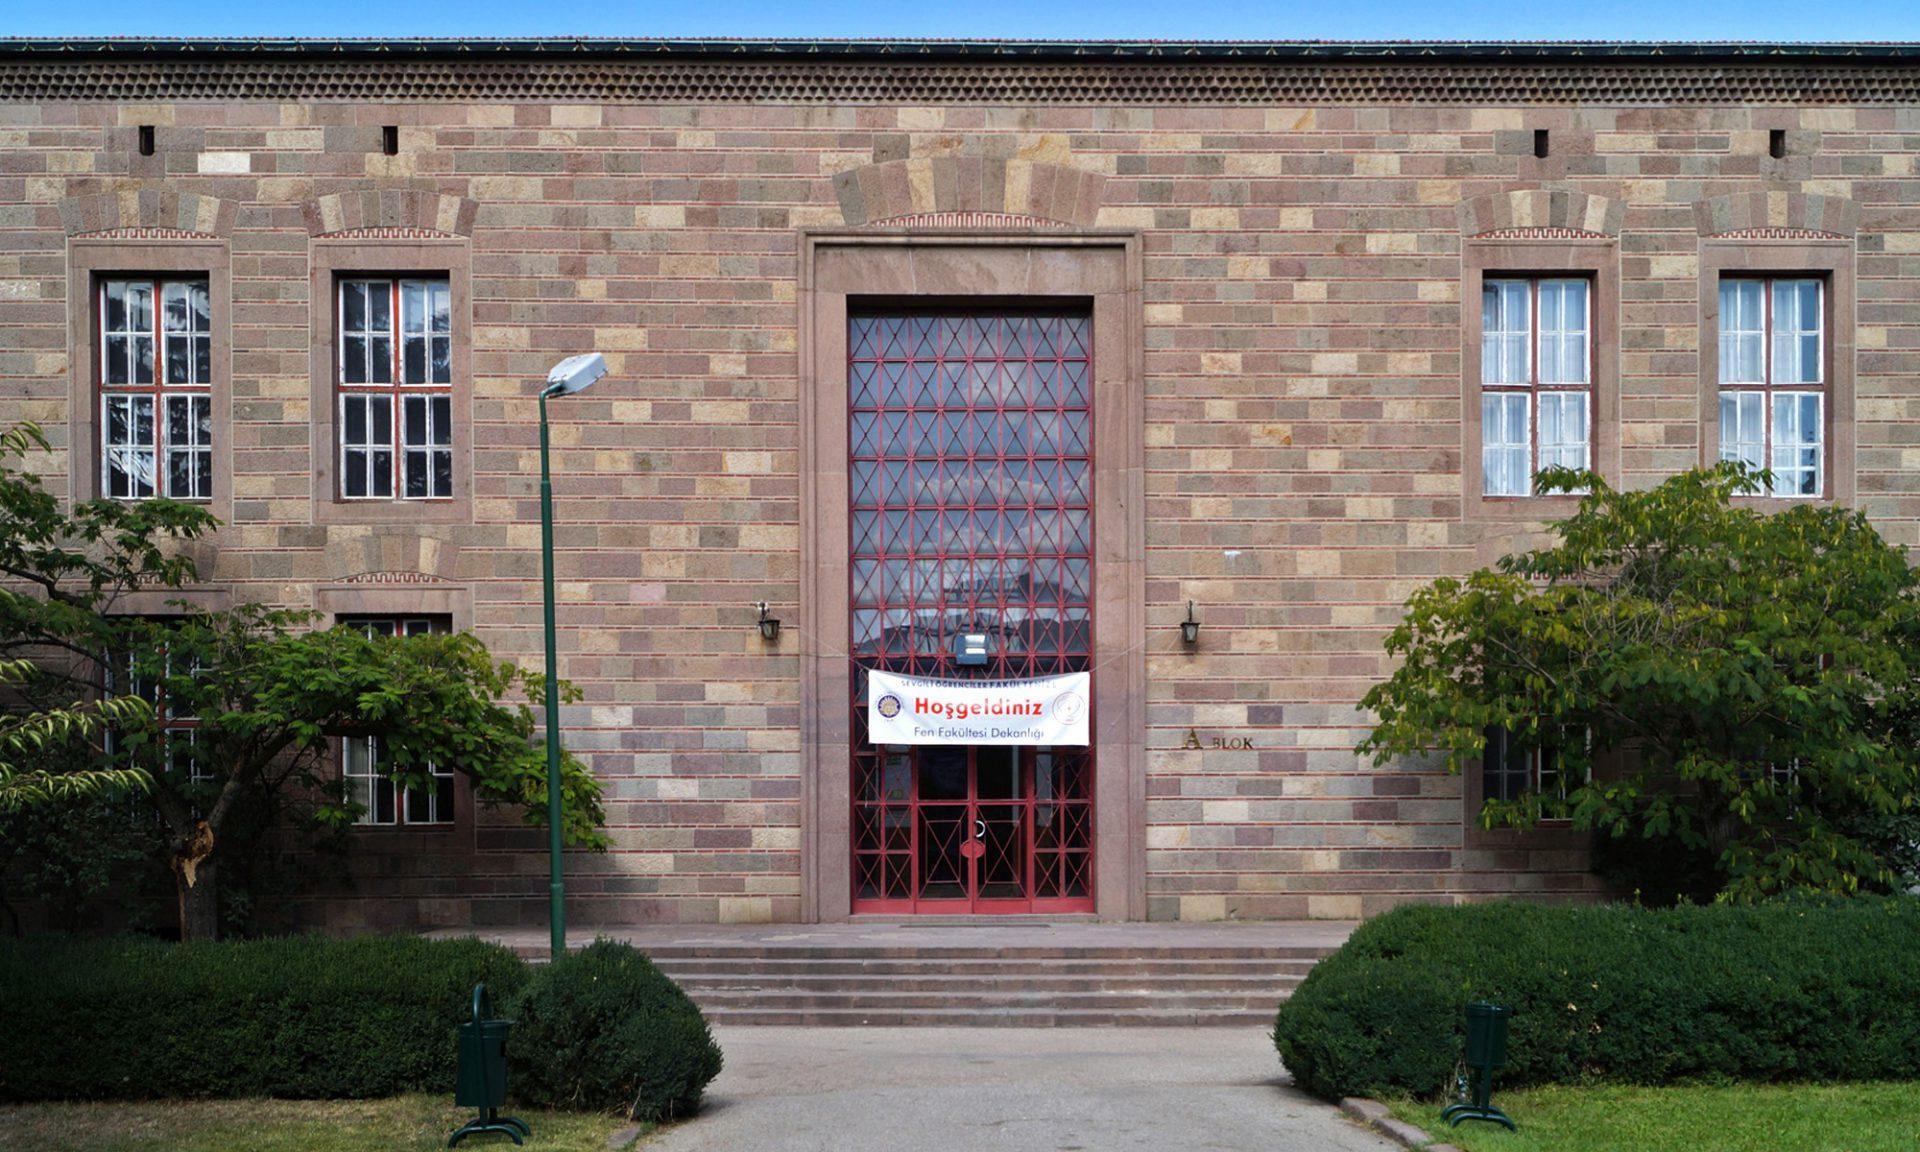 Eldems dezente Bezüge an der naturwissenschaftlichen Fakultät. Frühosmanische Mauerwerksbauweise und Andeutungen der Segmentbögen über rechteckige Öffnungen.